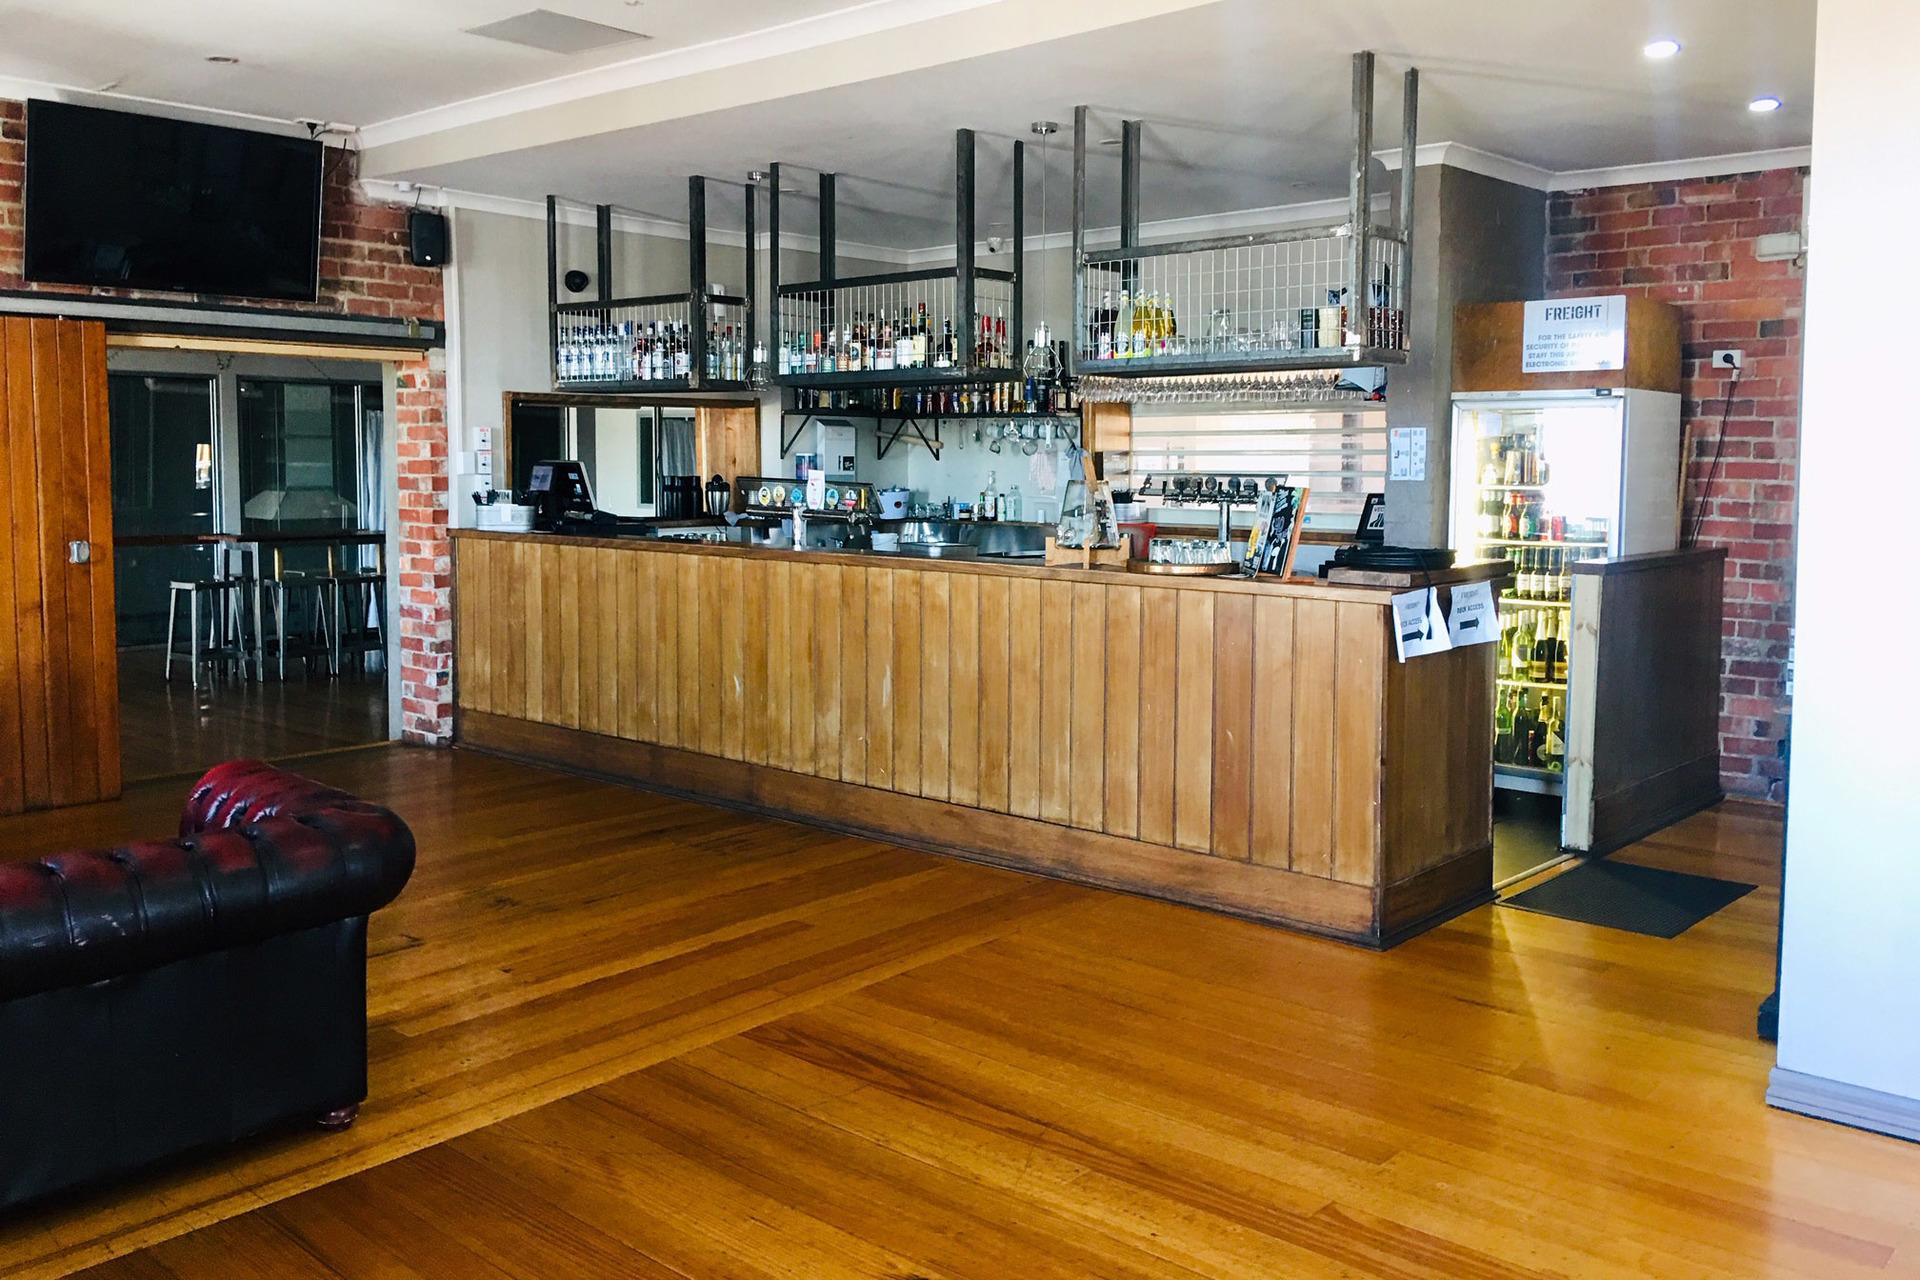 e - Freight Bar & Restaurant